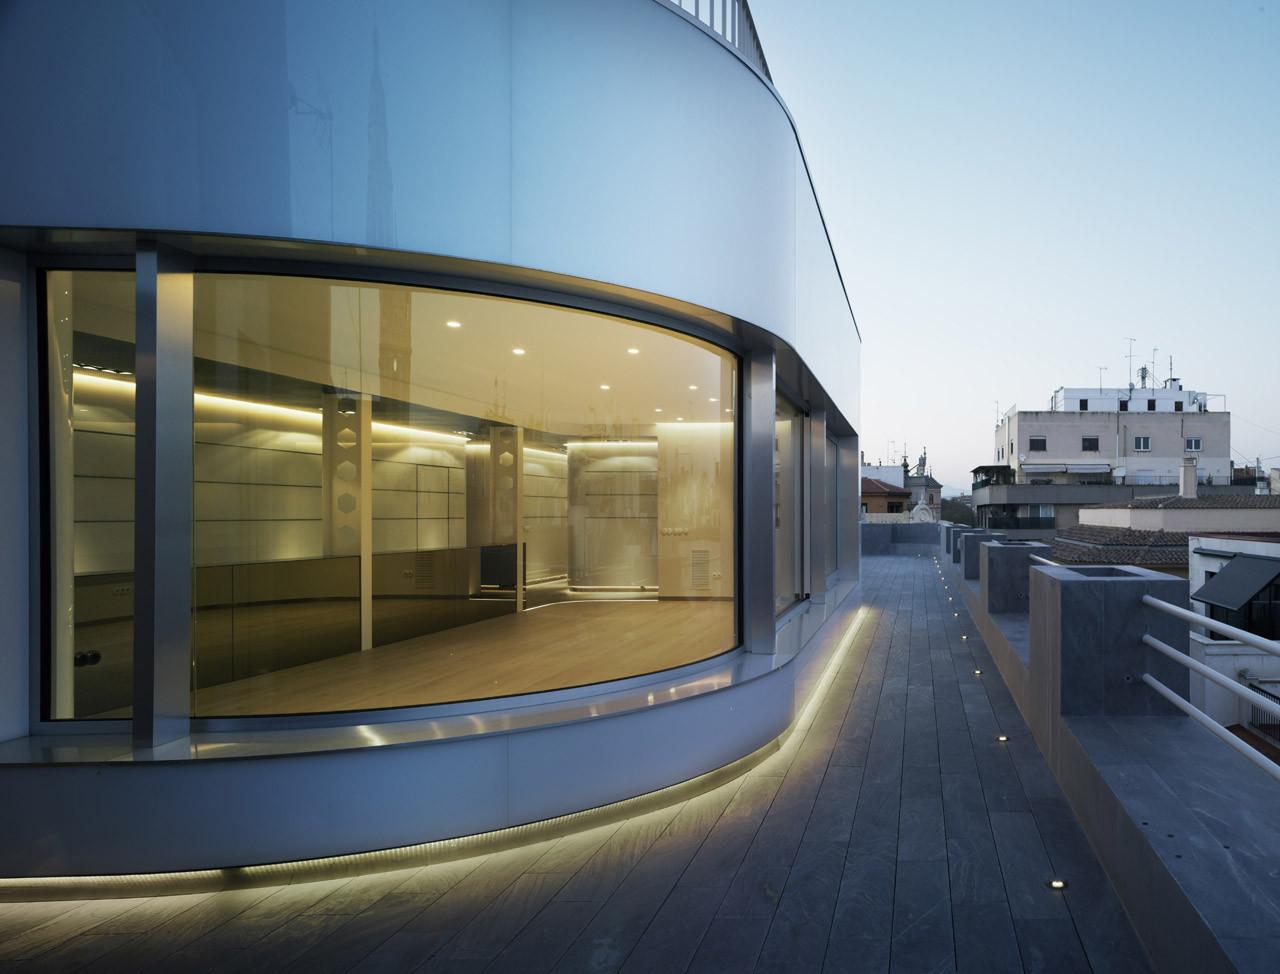 Gallery of athic refurbishment clavel arquitectos 5 - Clavel arquitectos ...